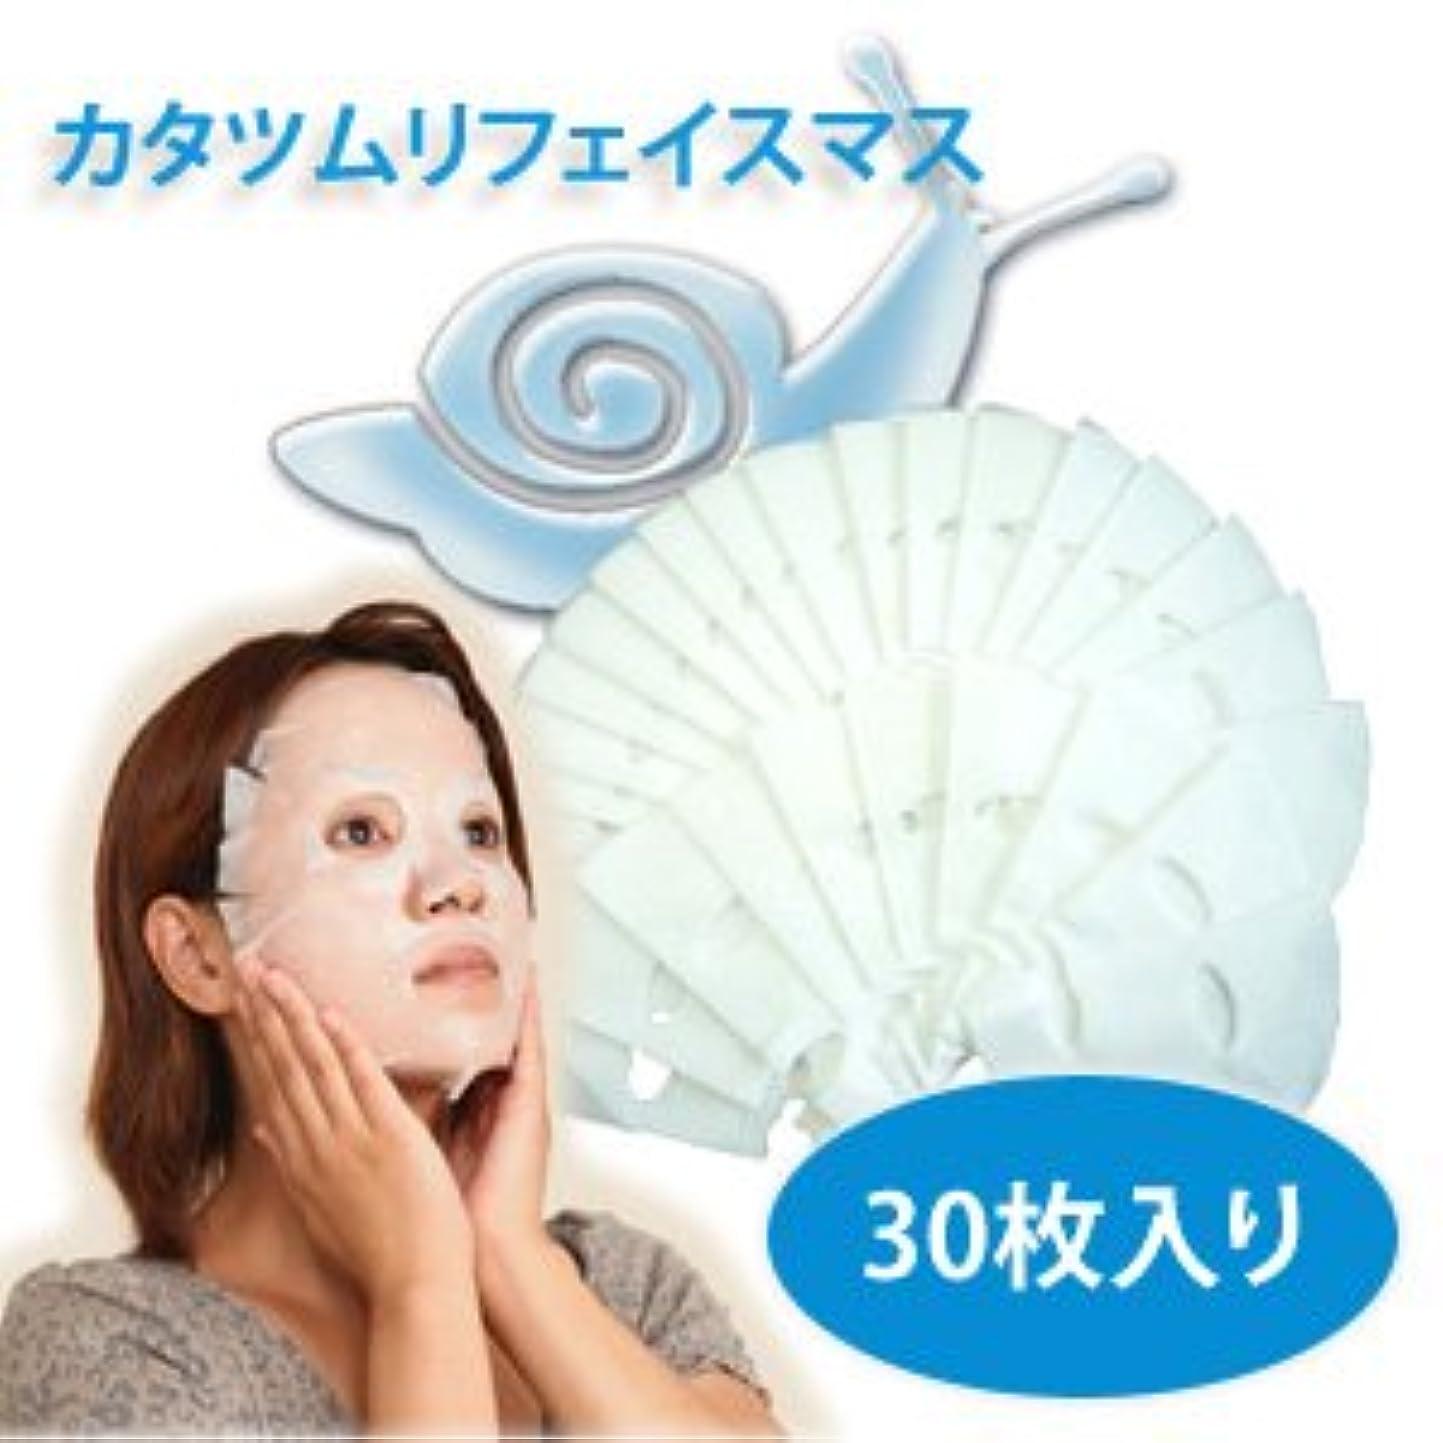 災難哀れな酸素【かたつむり粘液配合】カタツムリフェイスマスク 30枚入り